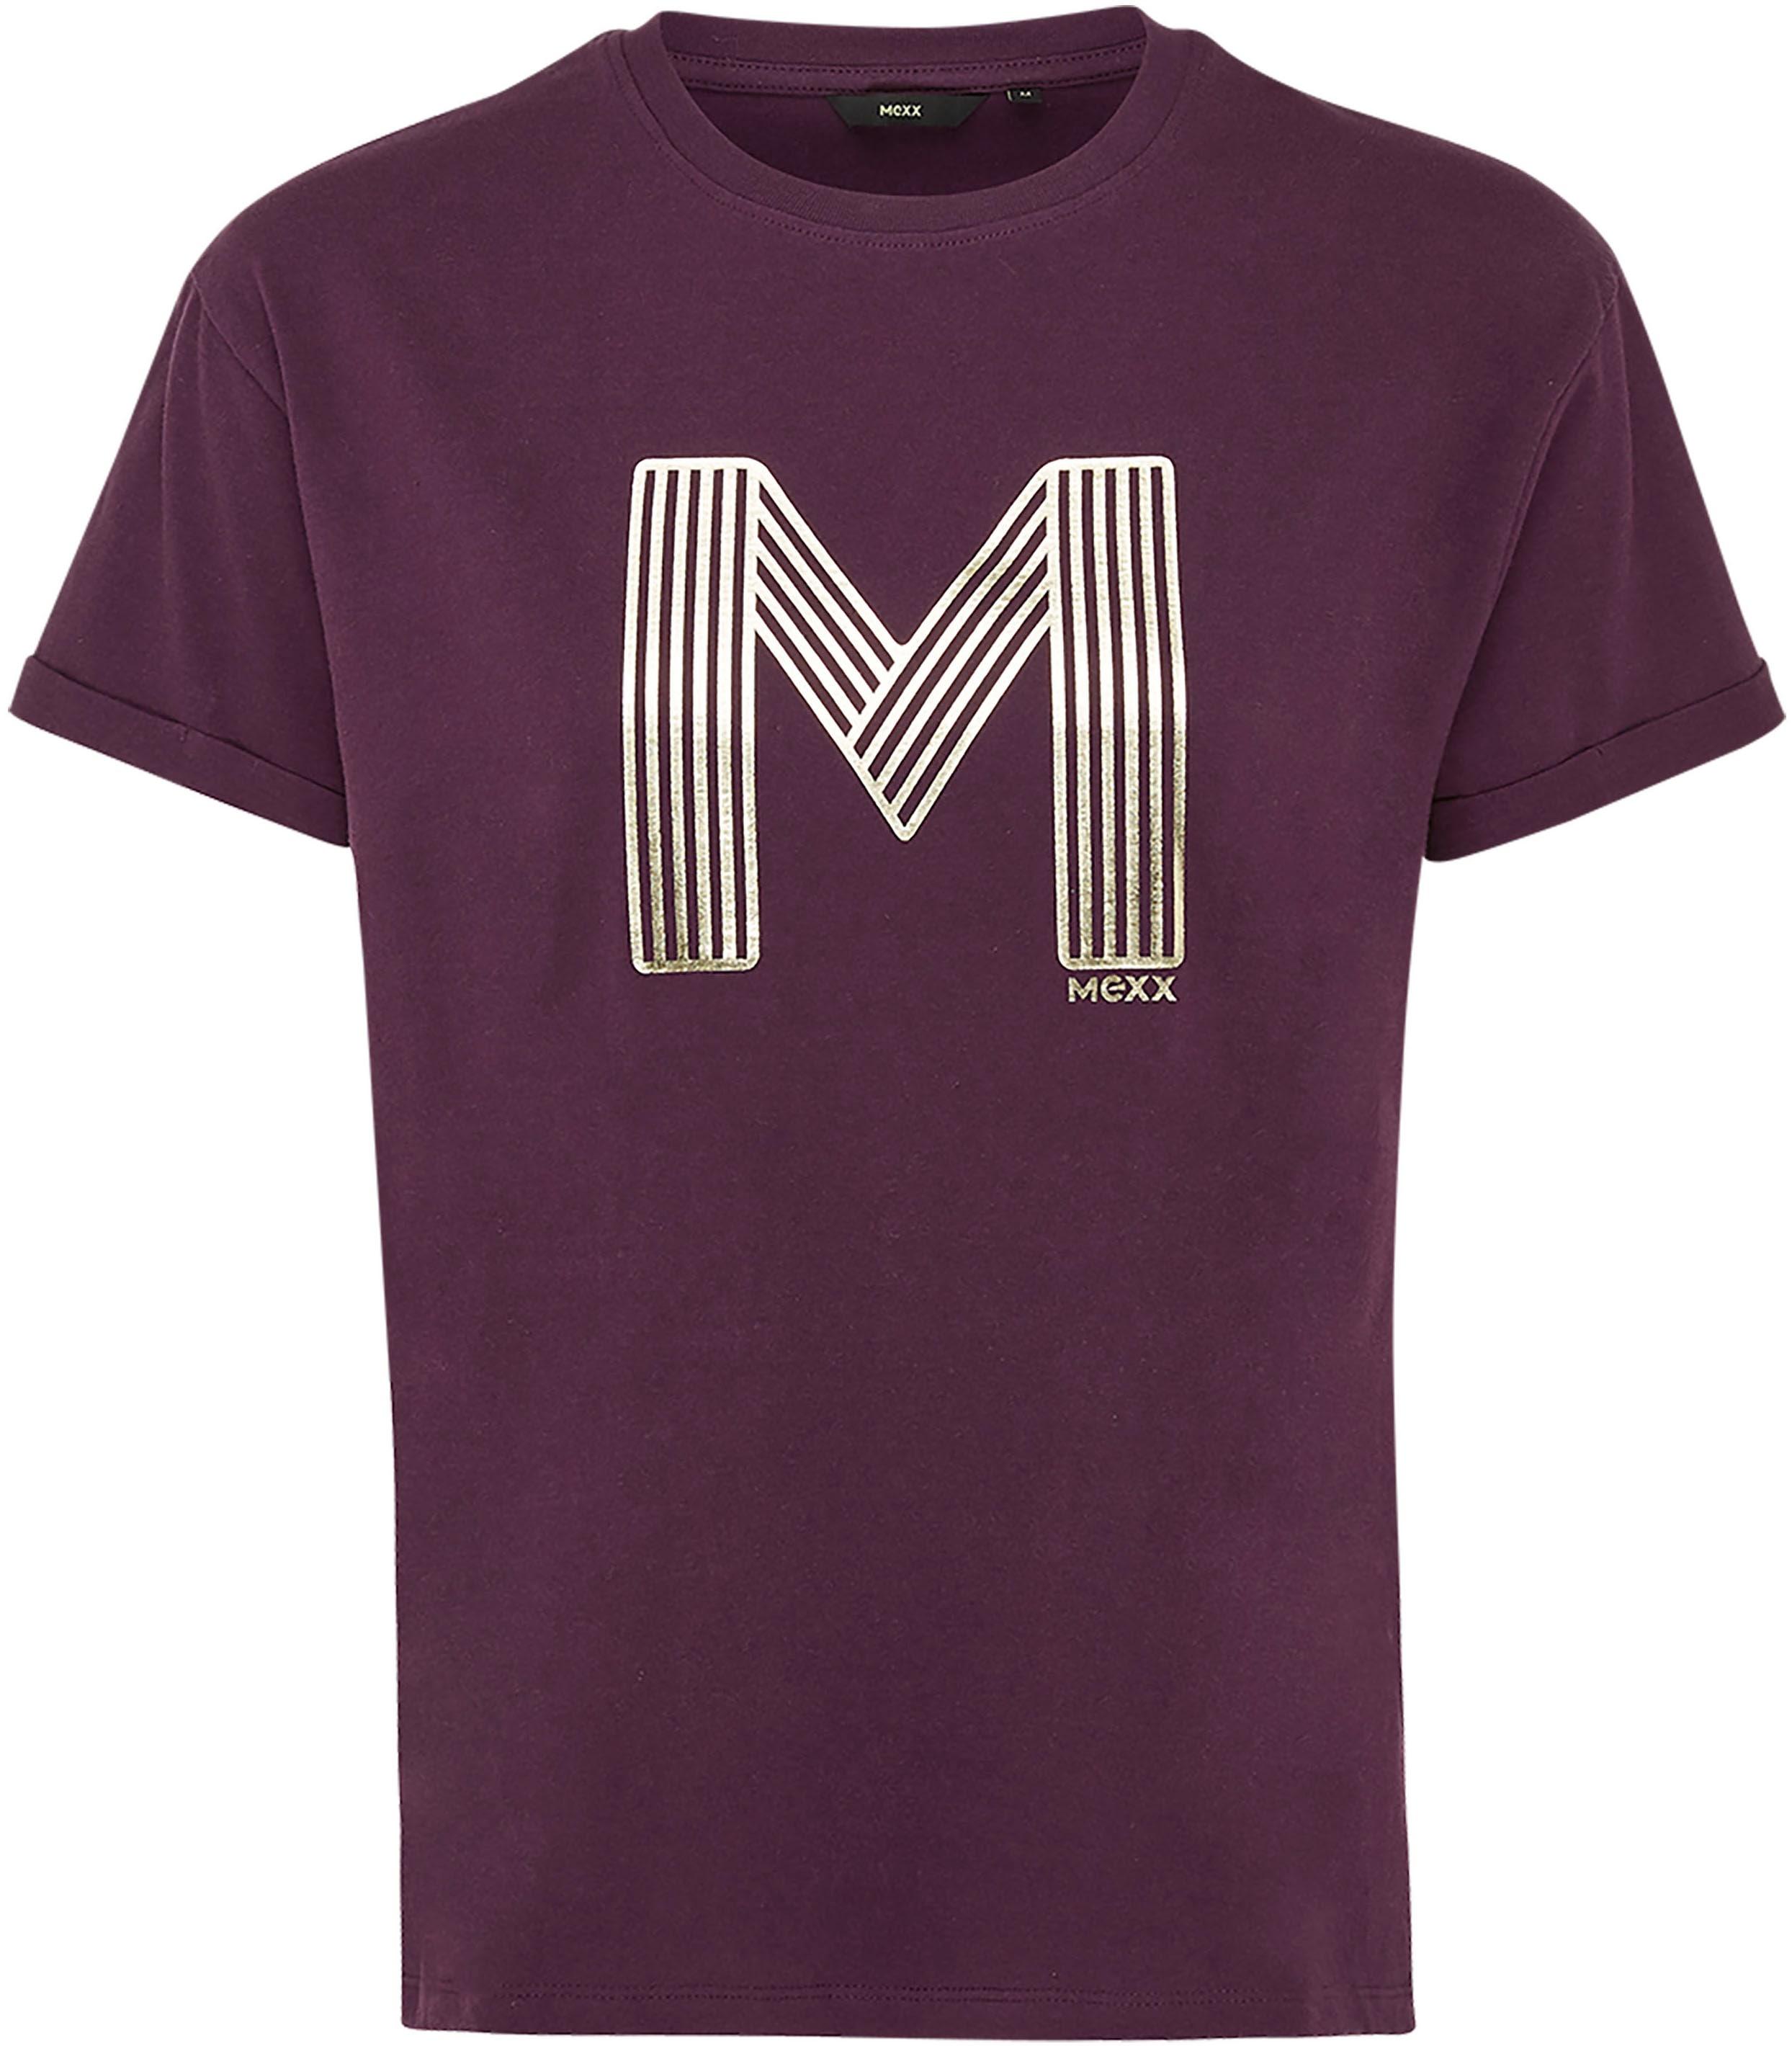 mexx -  T-Shirt, mit Metallic-Print